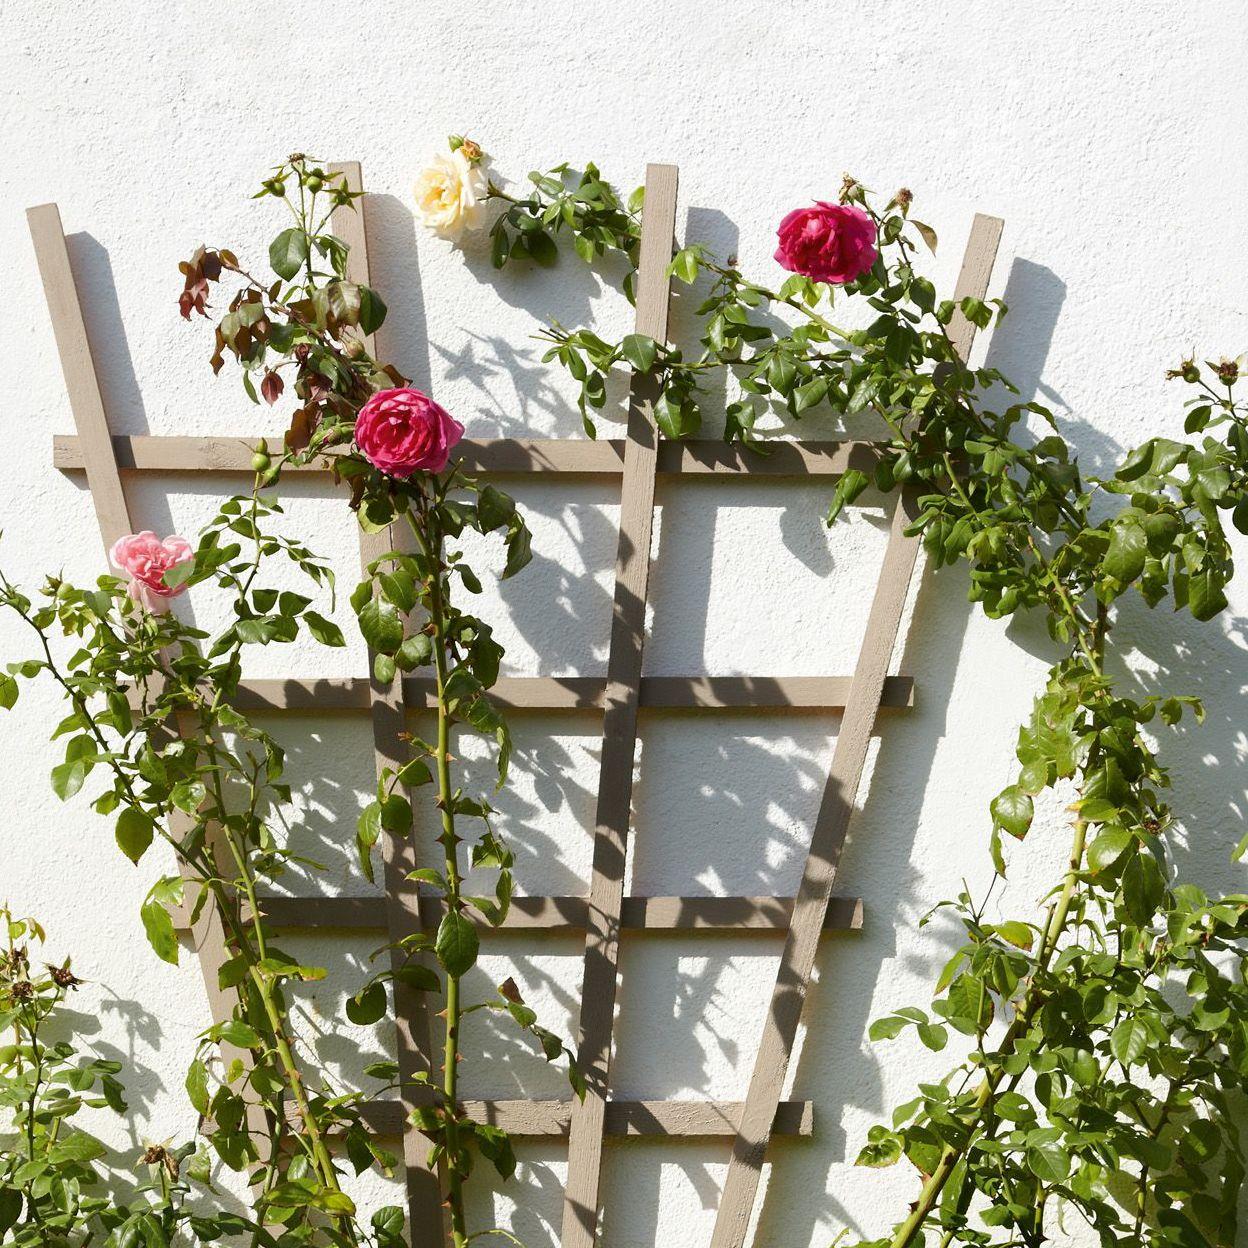 Garden Fences & Gates